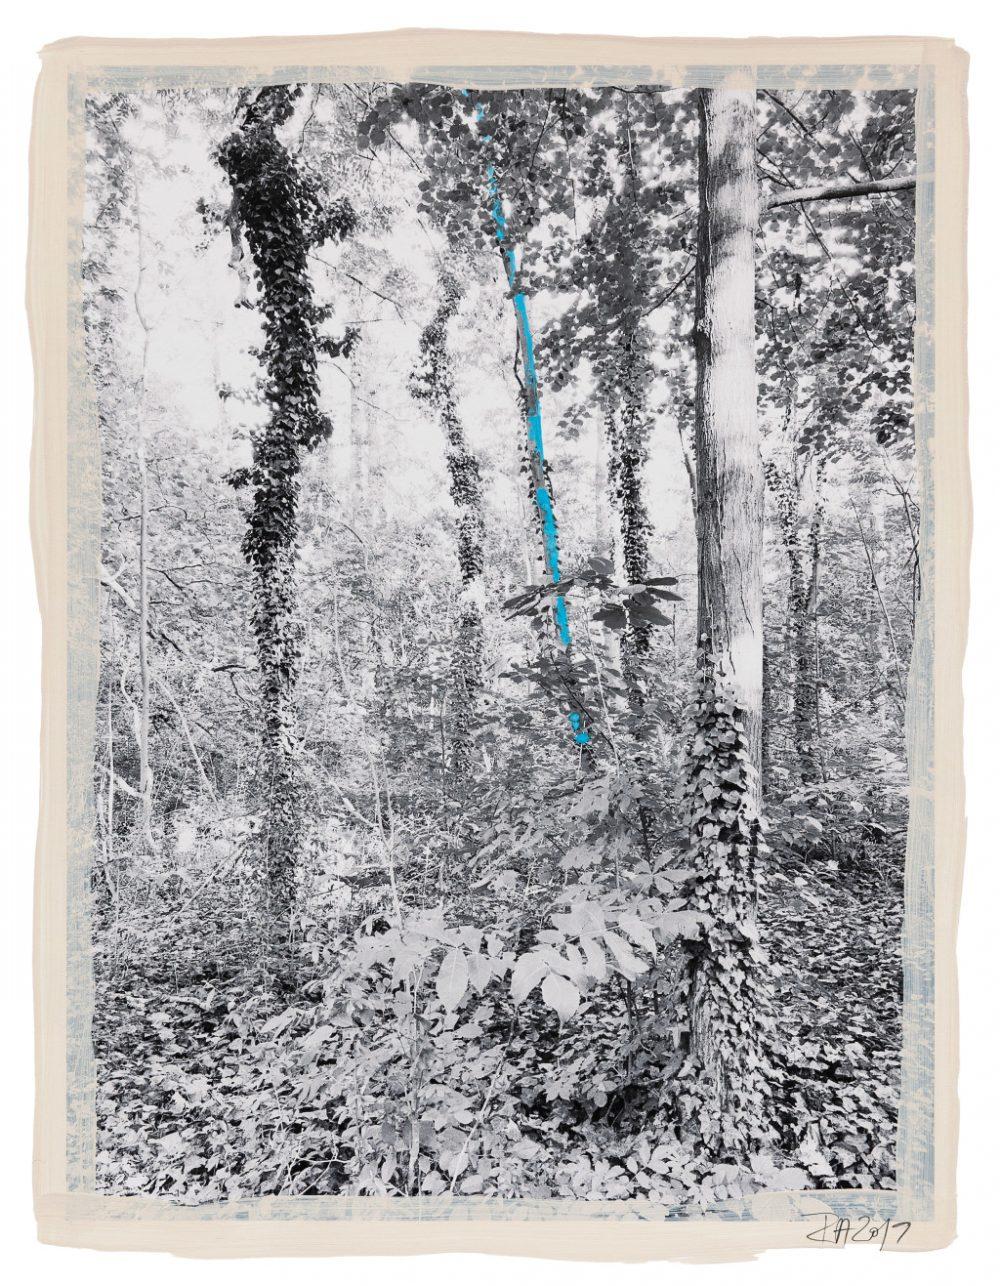 Regina Anzenbergen Shifting Roots exhibition